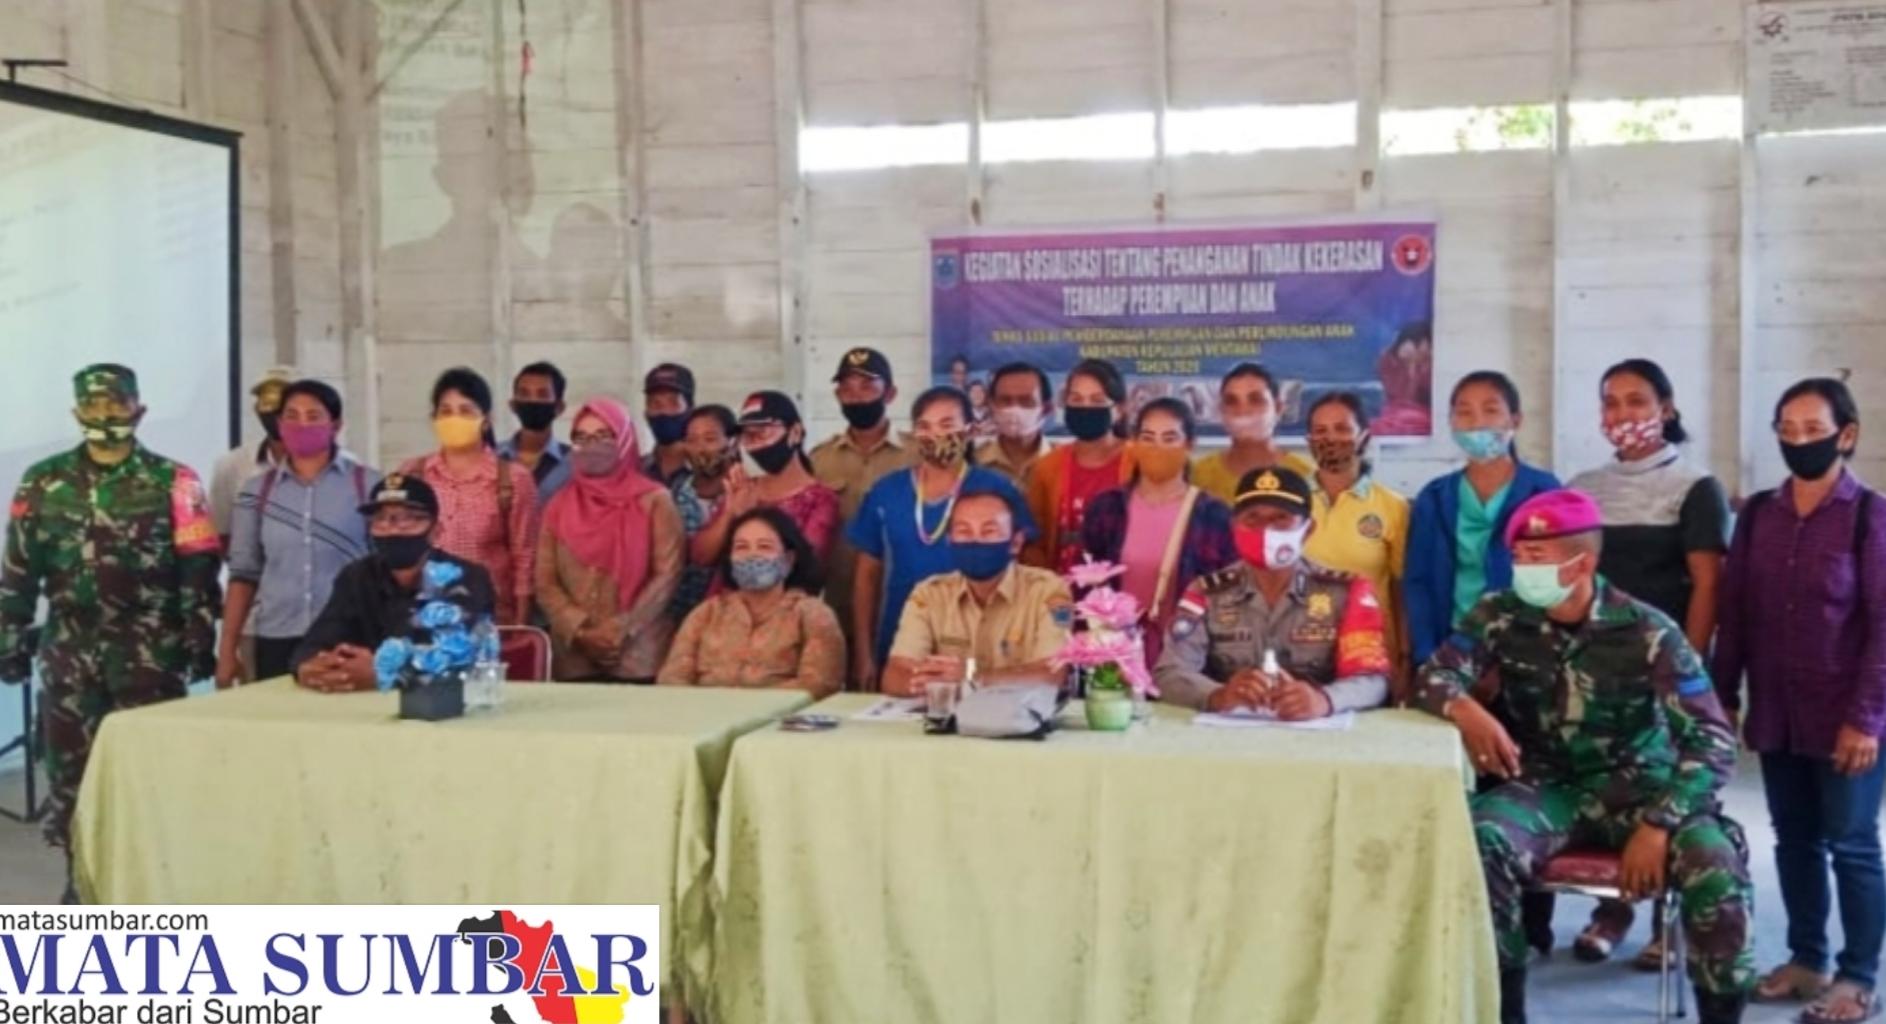 Koramil Bersama Polsek Sikakap Sosialisasi Penanganan Kekerasan Perempuan, Anak dan KDRT di Desa Matobe